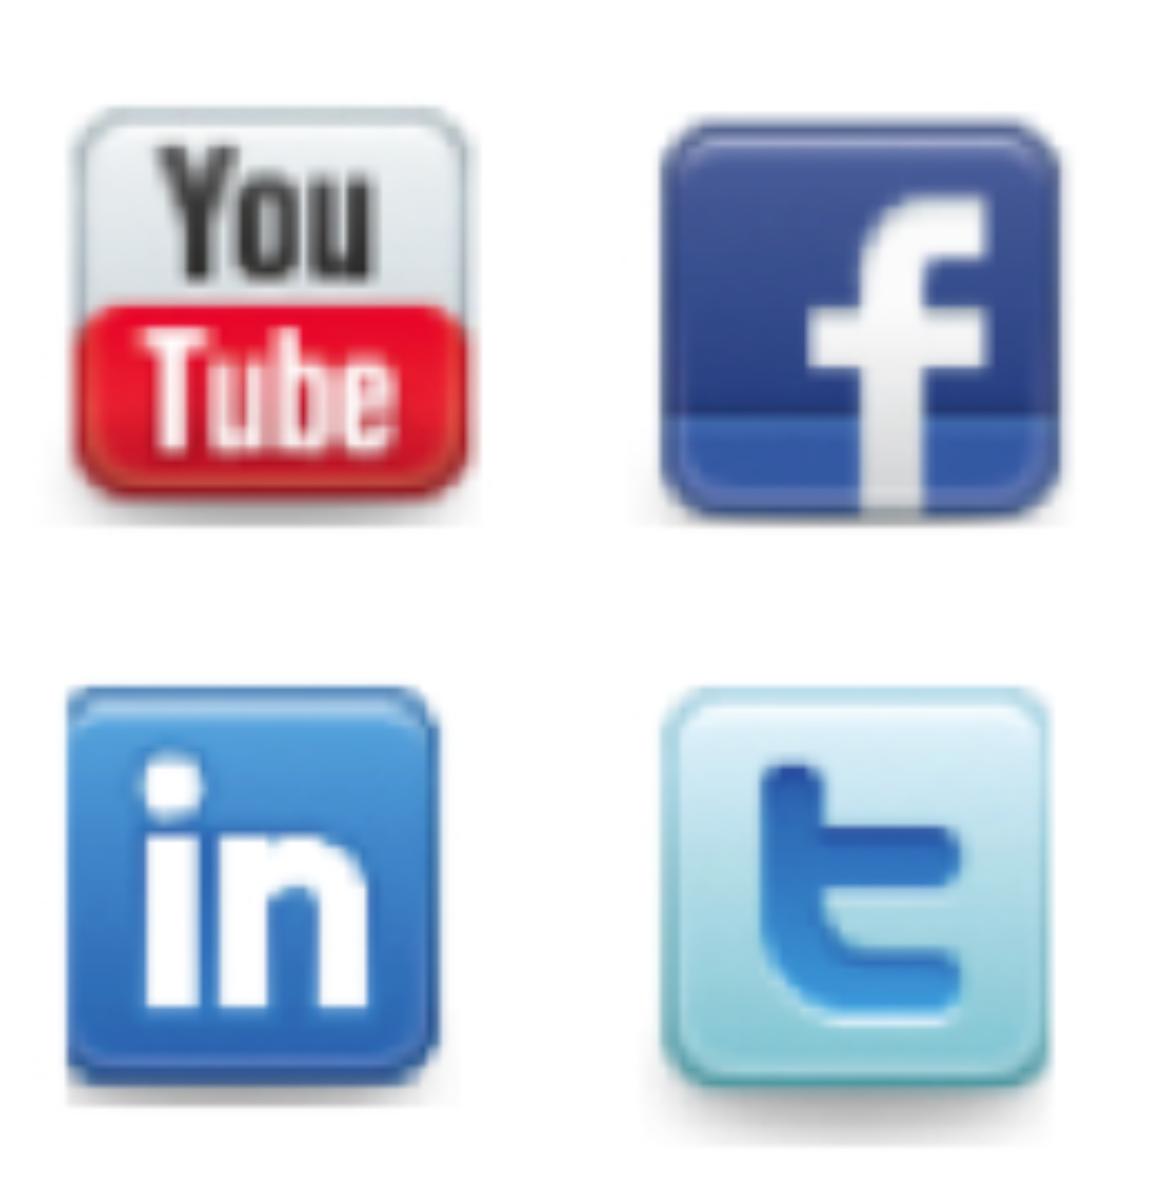 social media logos.jpg